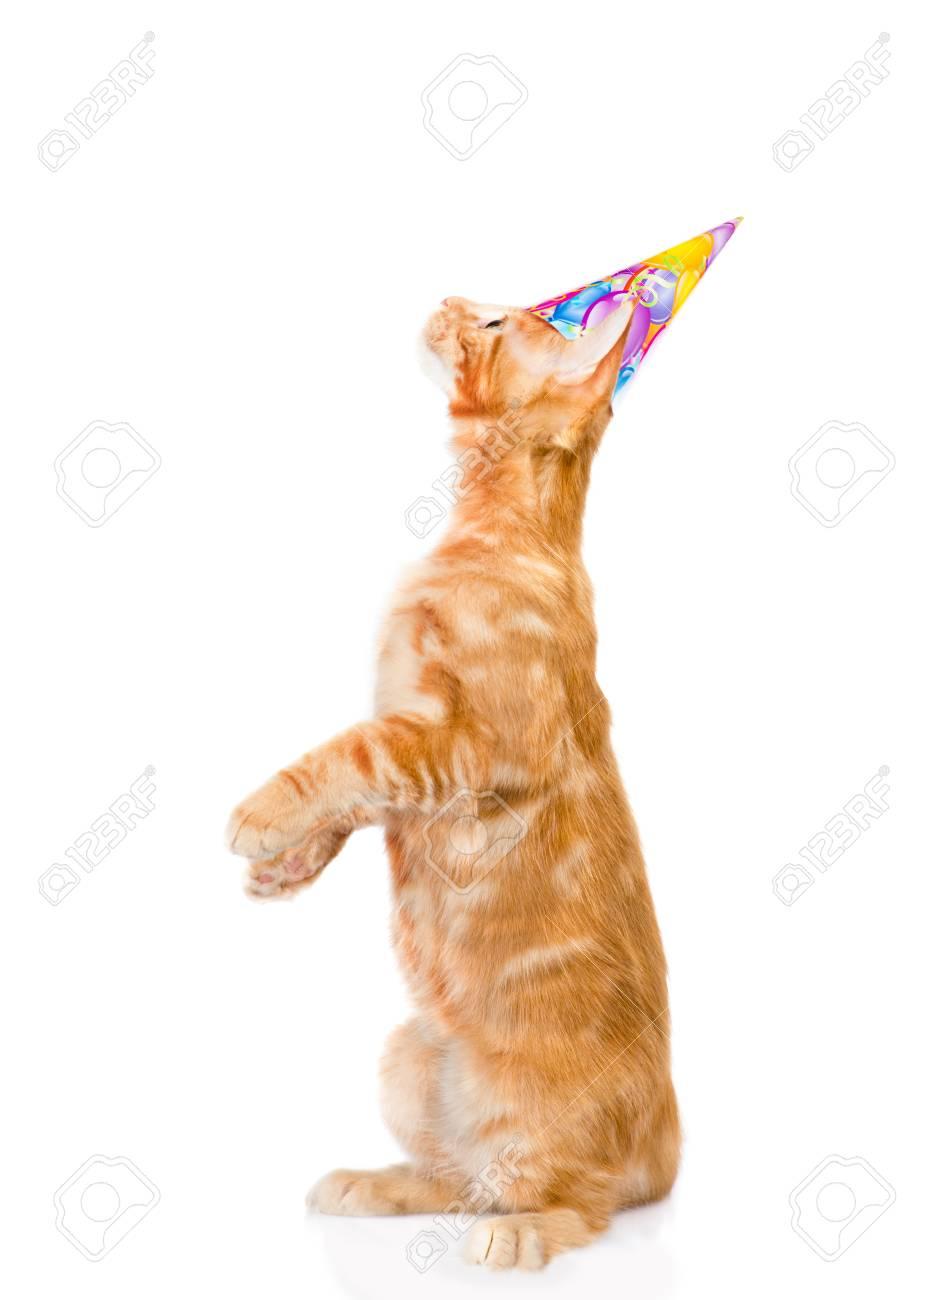 Speelse Kat Met Verjaardag Hoed Opzoeken Geïsoleerd Op Witte